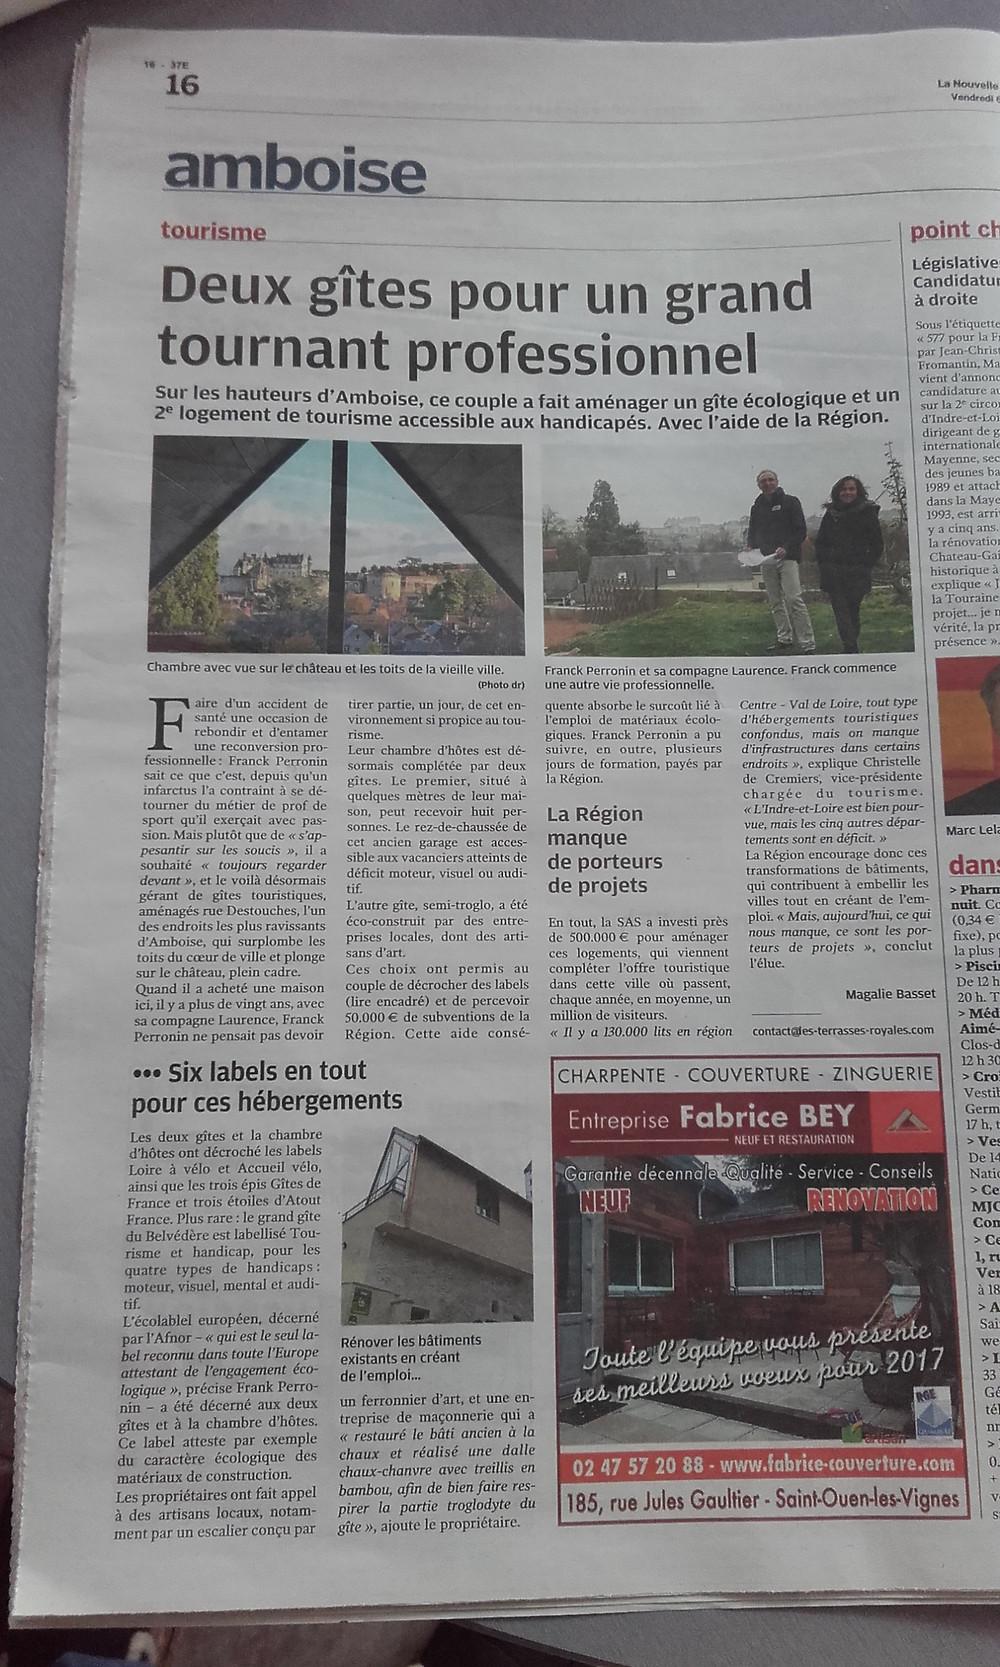 Un bel article réalisé par la journaliste locale...